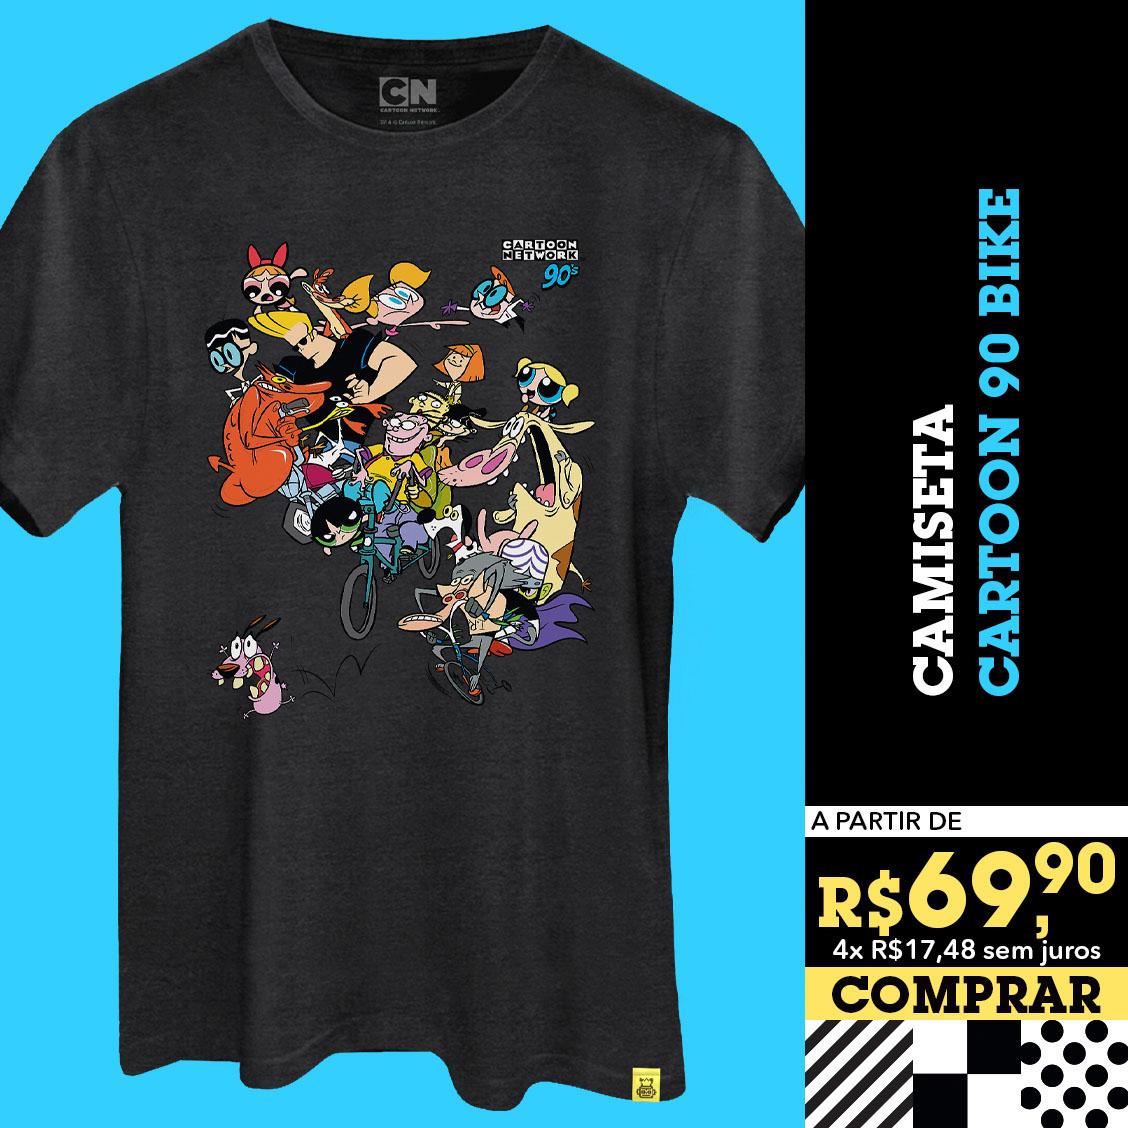 Camiseta Cartoon 90 Bike